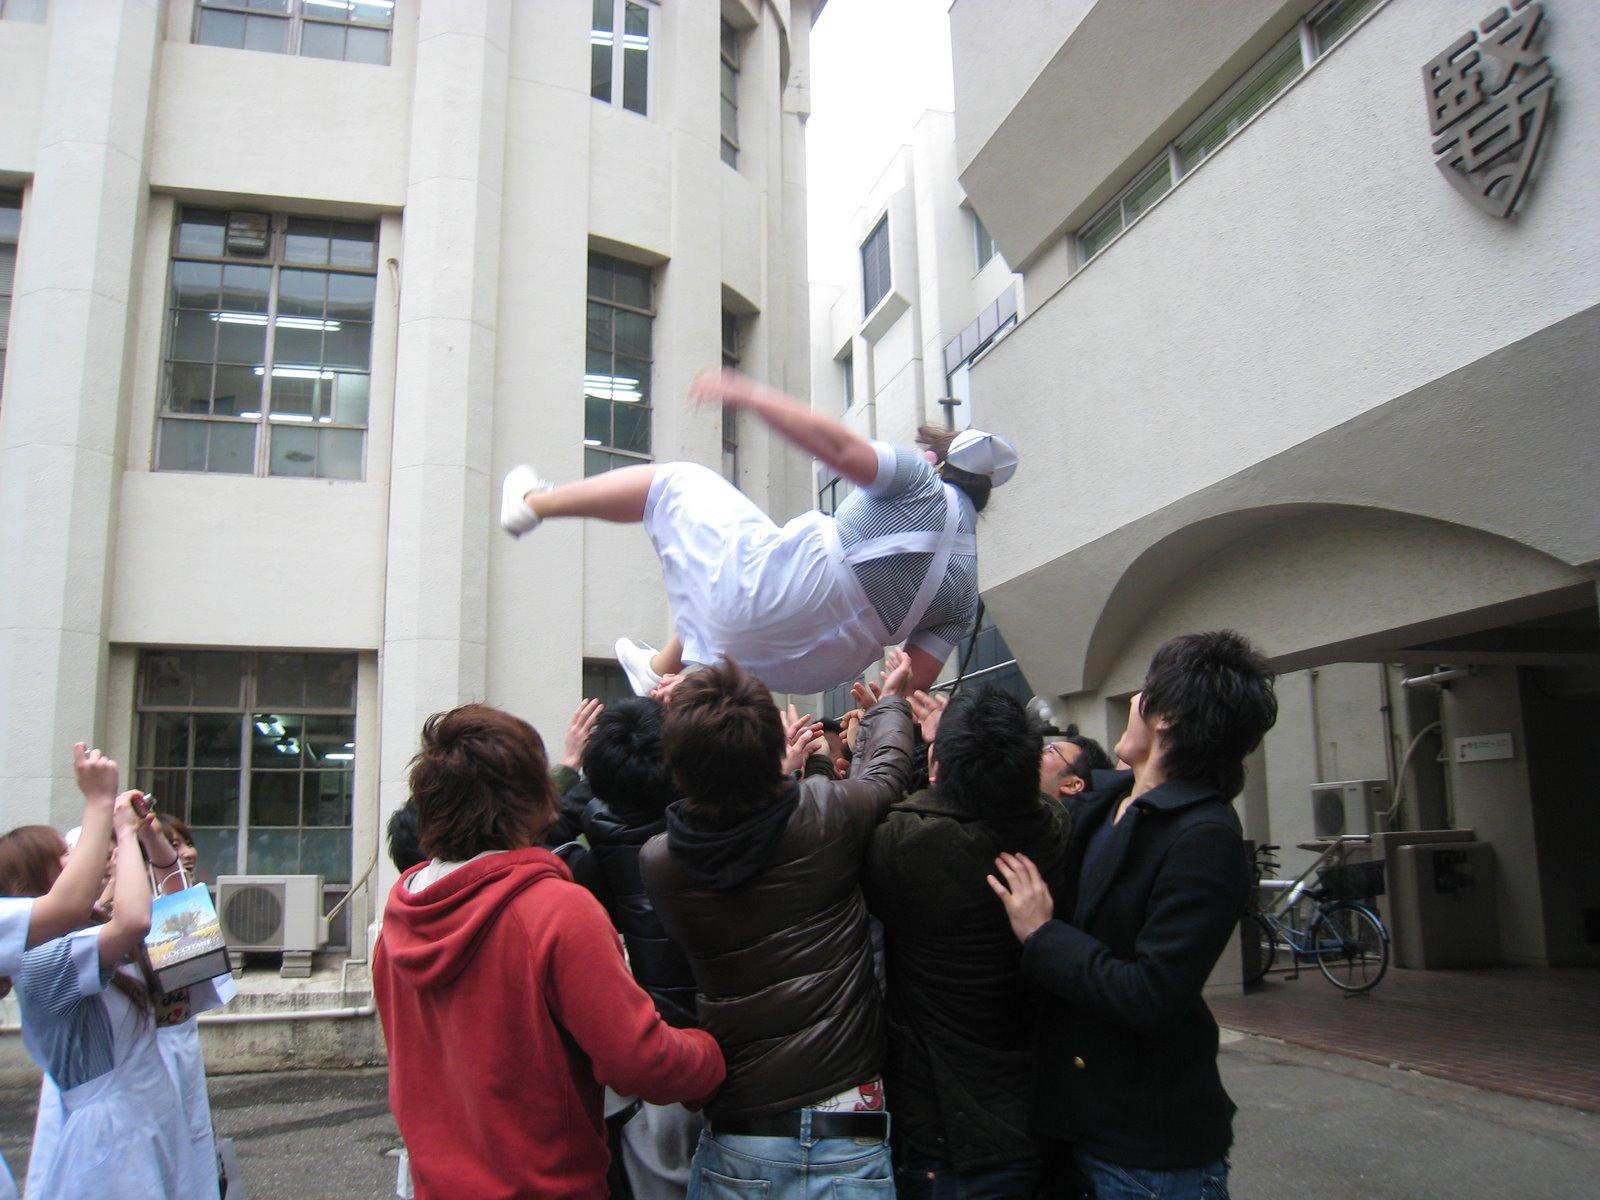 街中でみかけたそそる写真42体目 [無断転載禁止]©bbspink.comYouTube動画>1本 ->画像>841枚